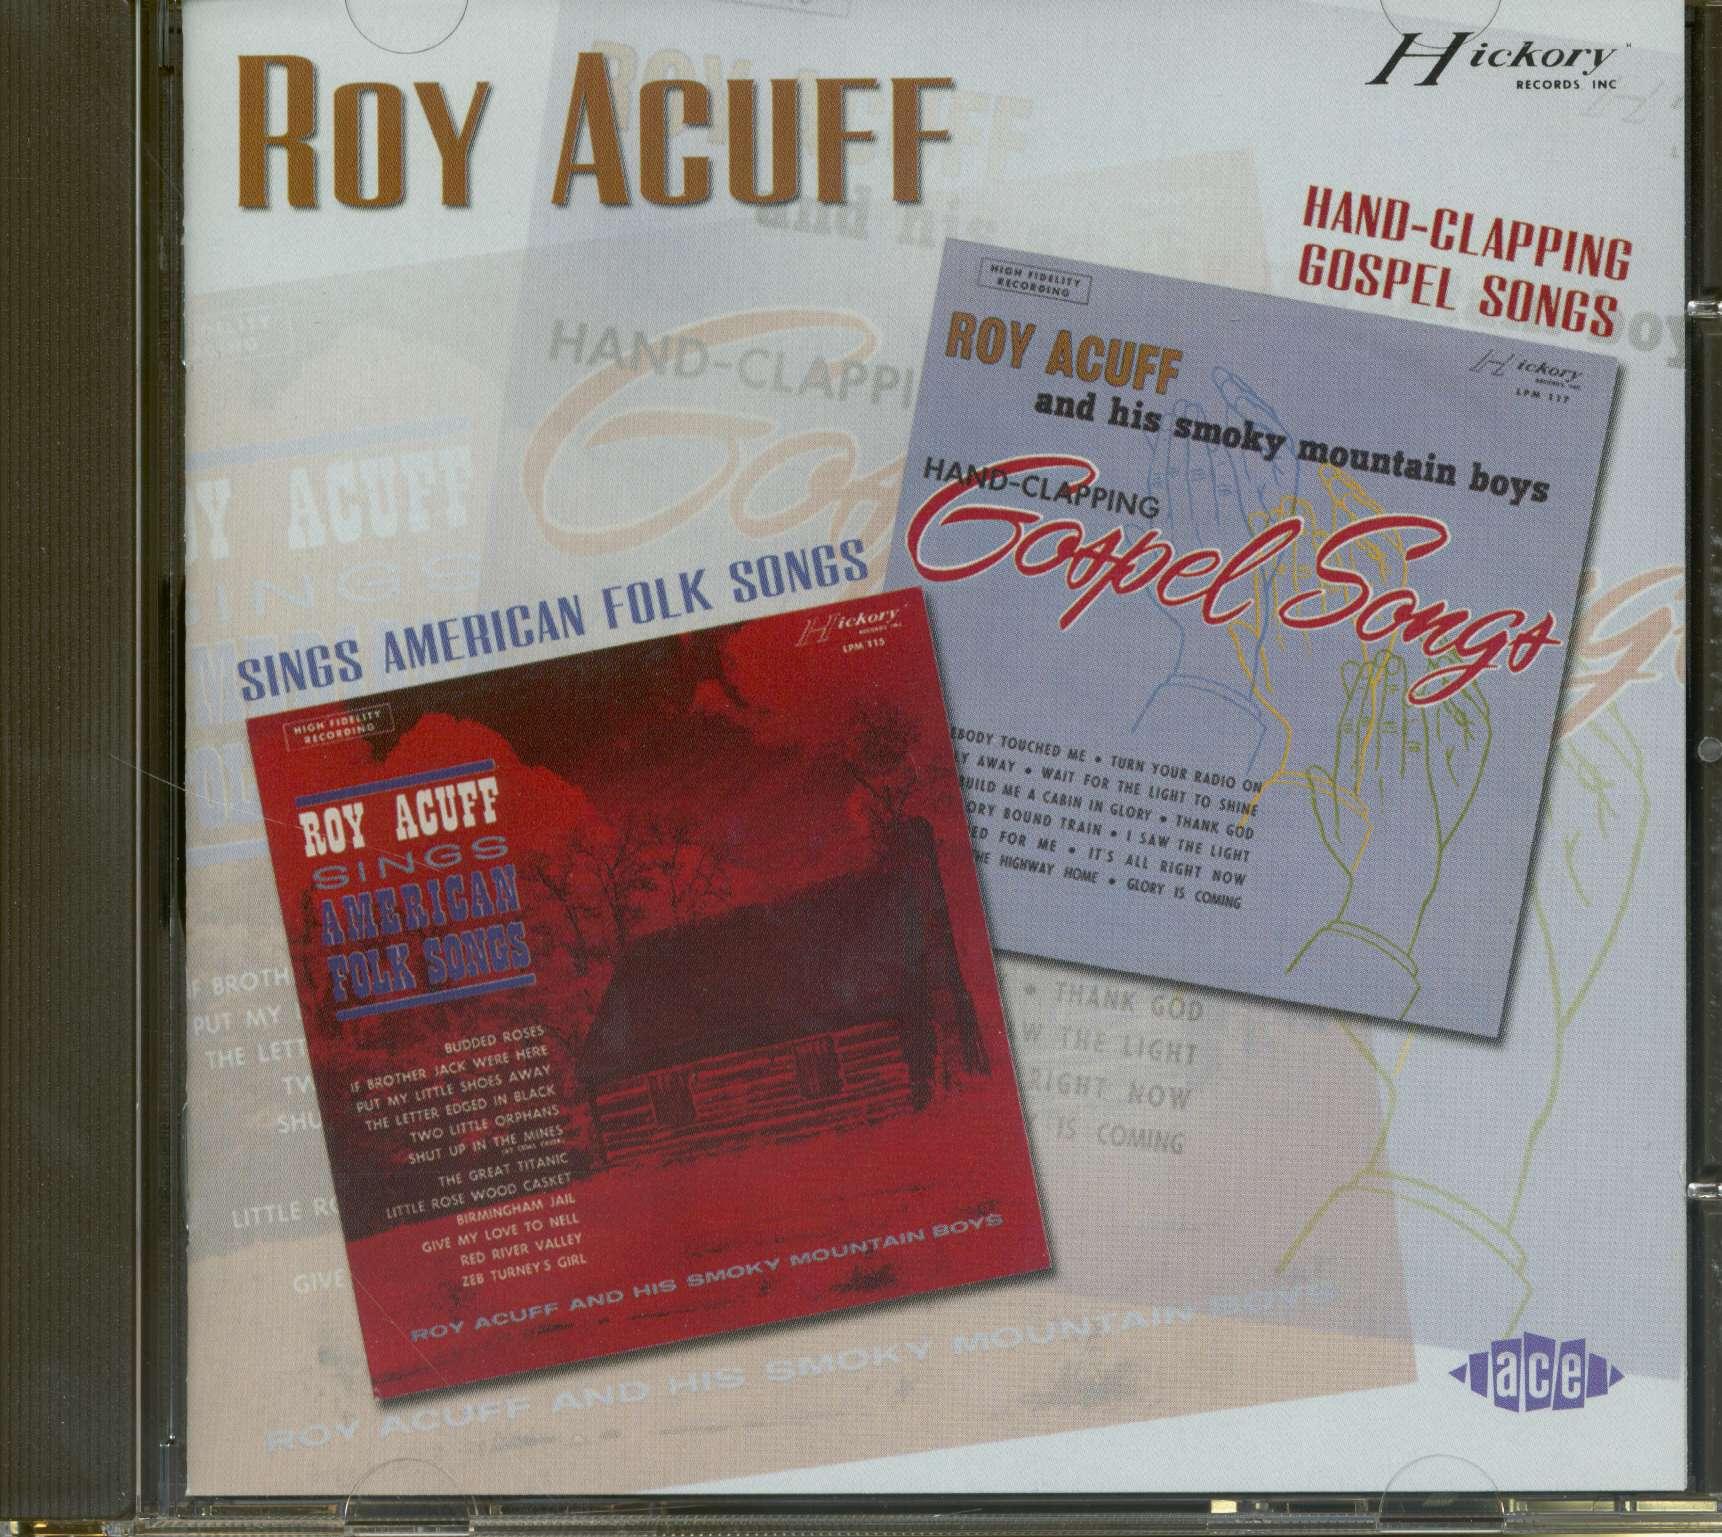 Roy Acuff Sings American Folk Songs & Hand Clapping Gospel Songs (CD)